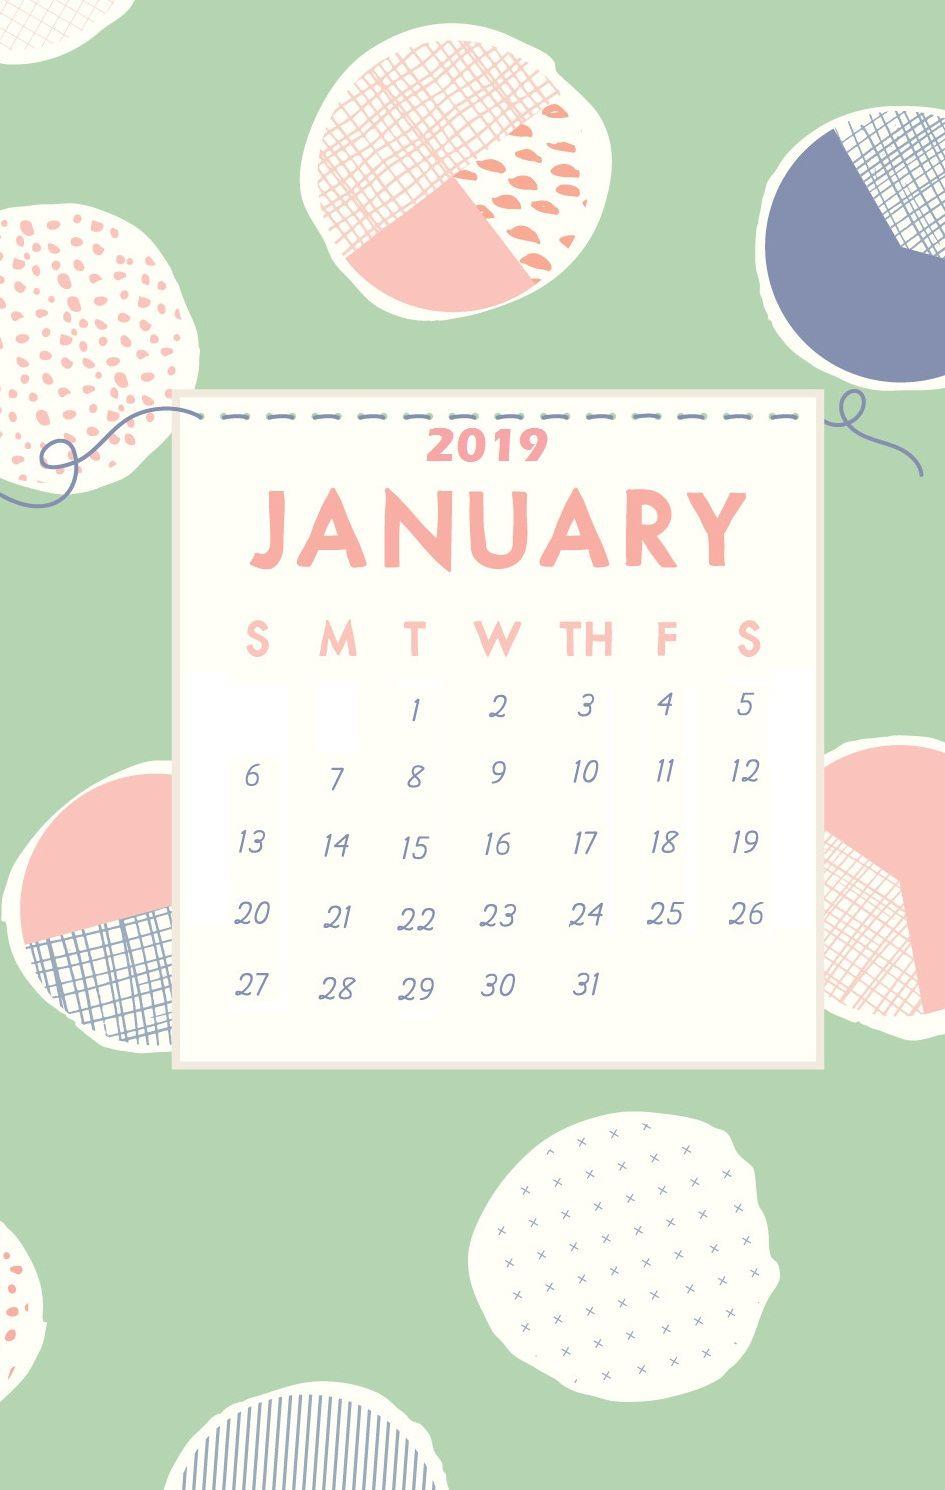 January 2019 Iphone Cute Wallpaper Calendar Wallpaper January Wallpaper Wallpaper